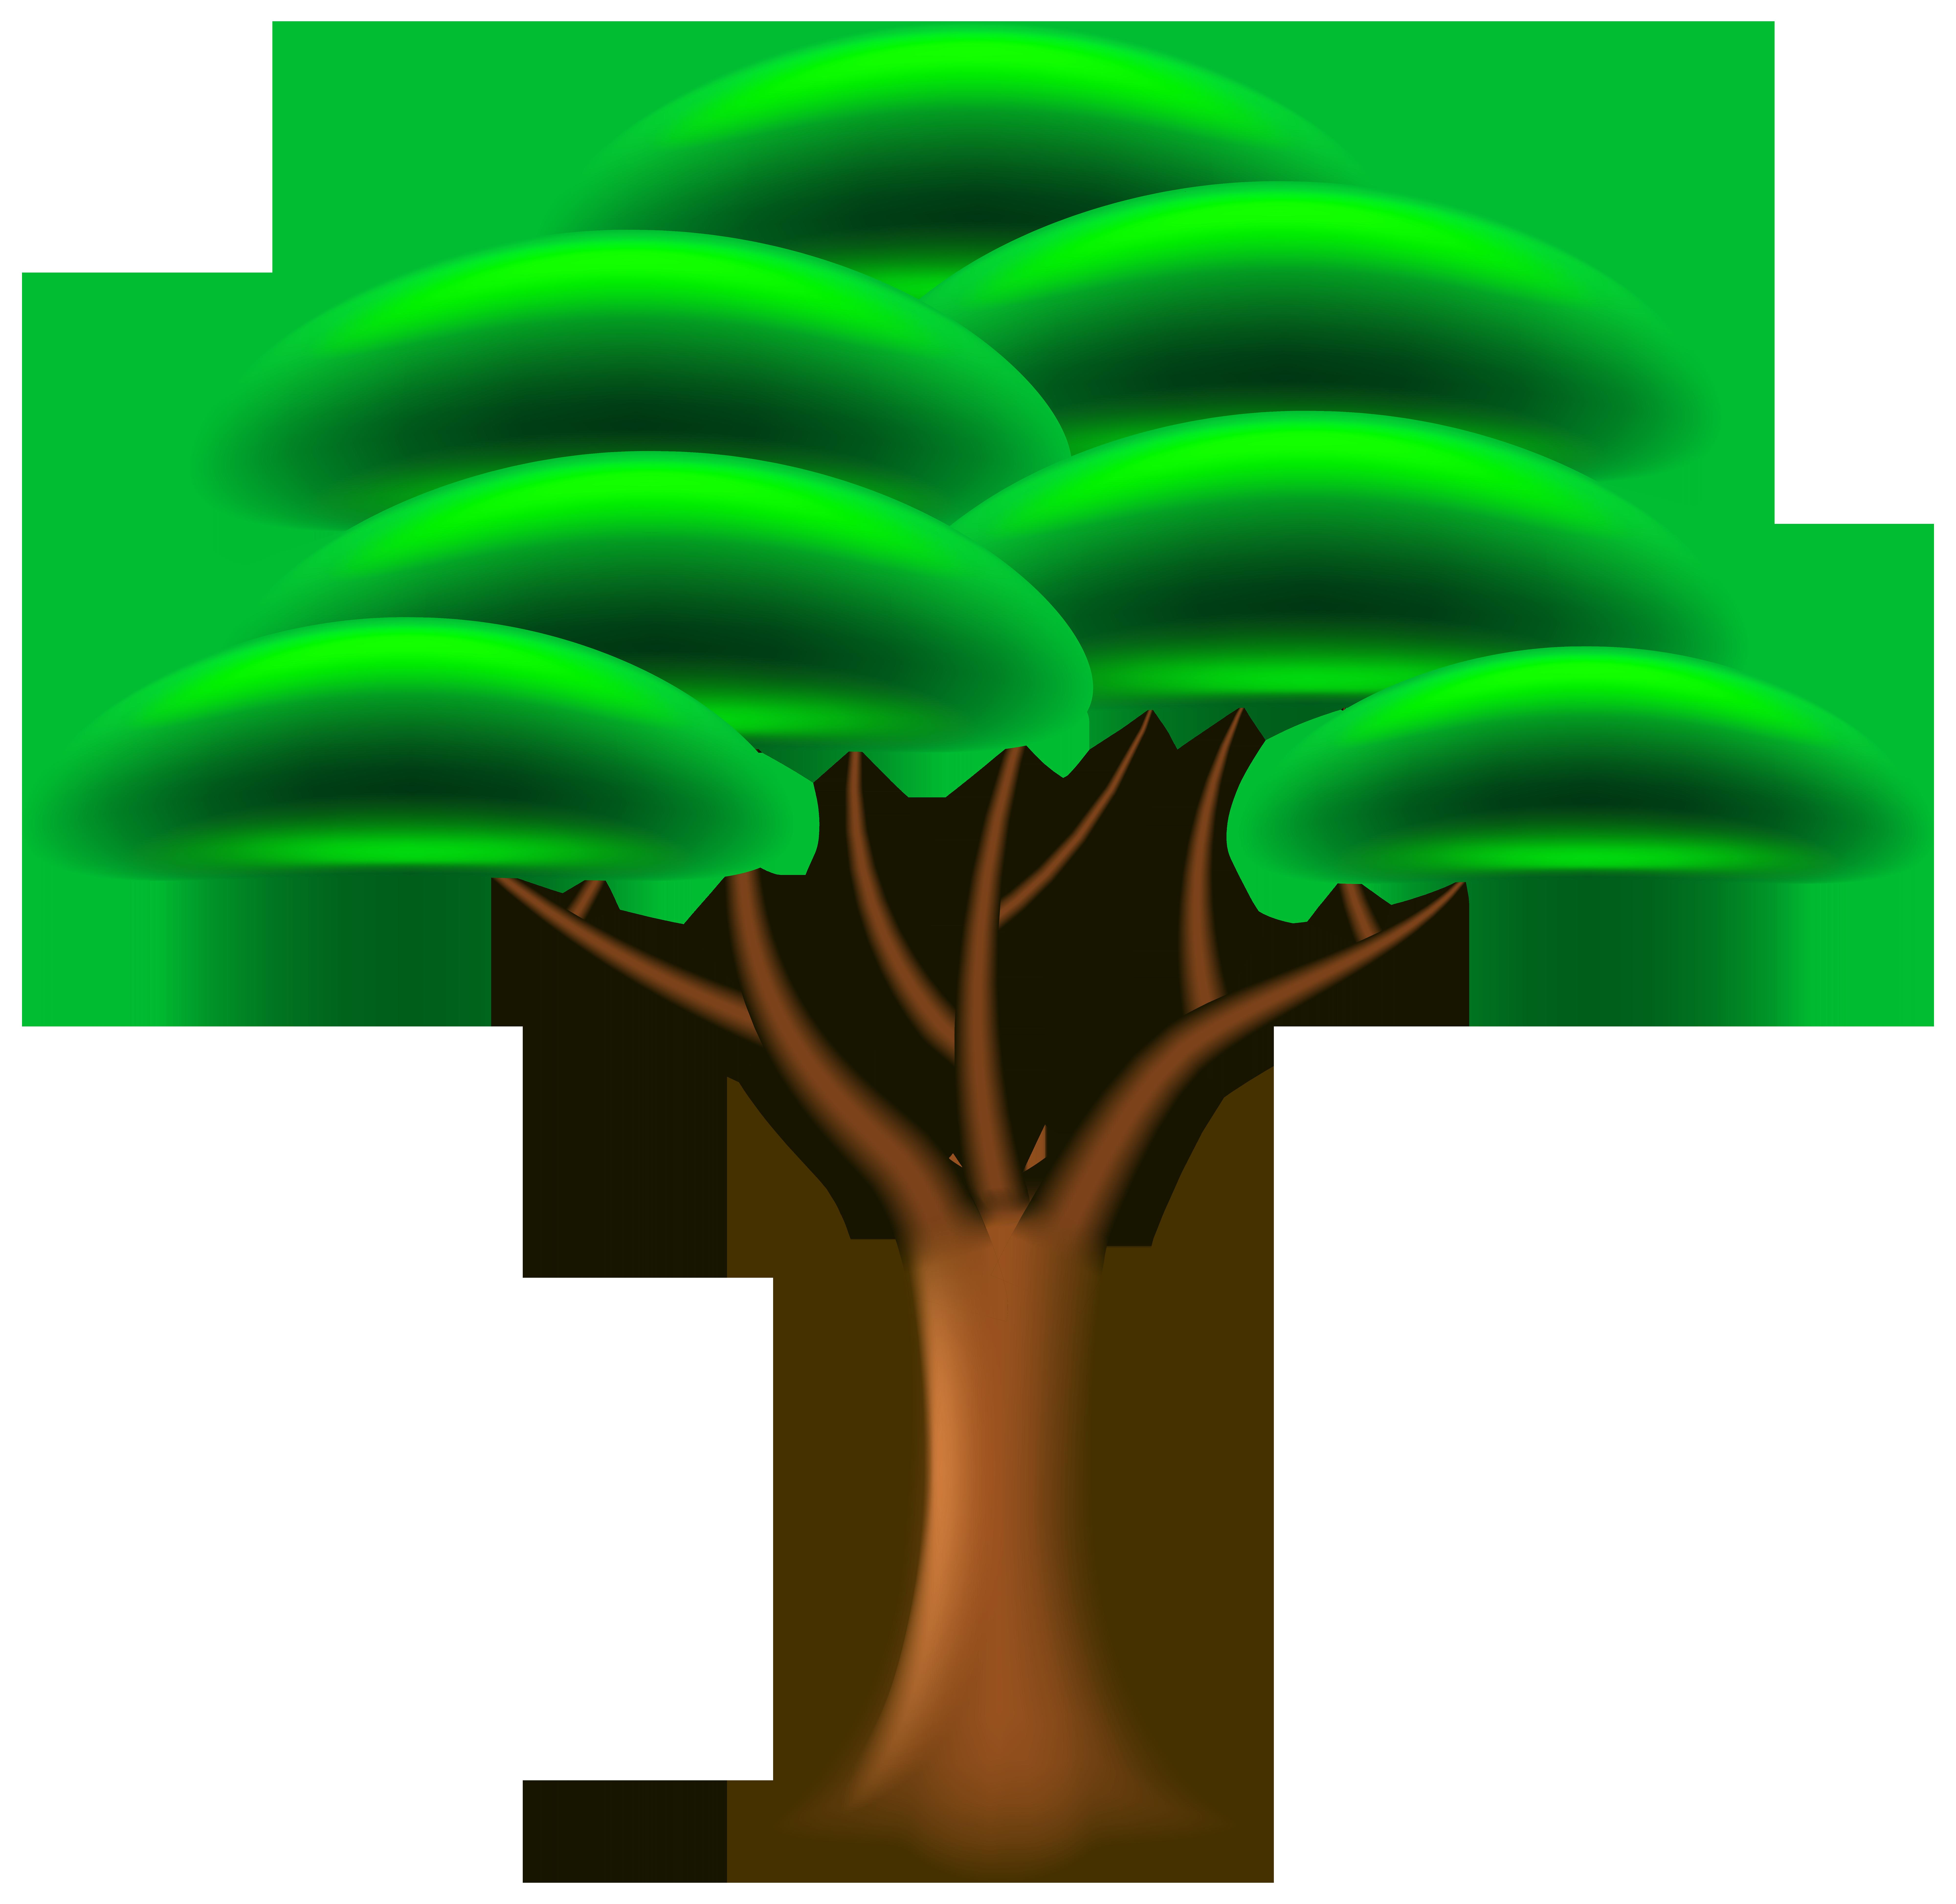 Tree png clip art. Clipart trees school